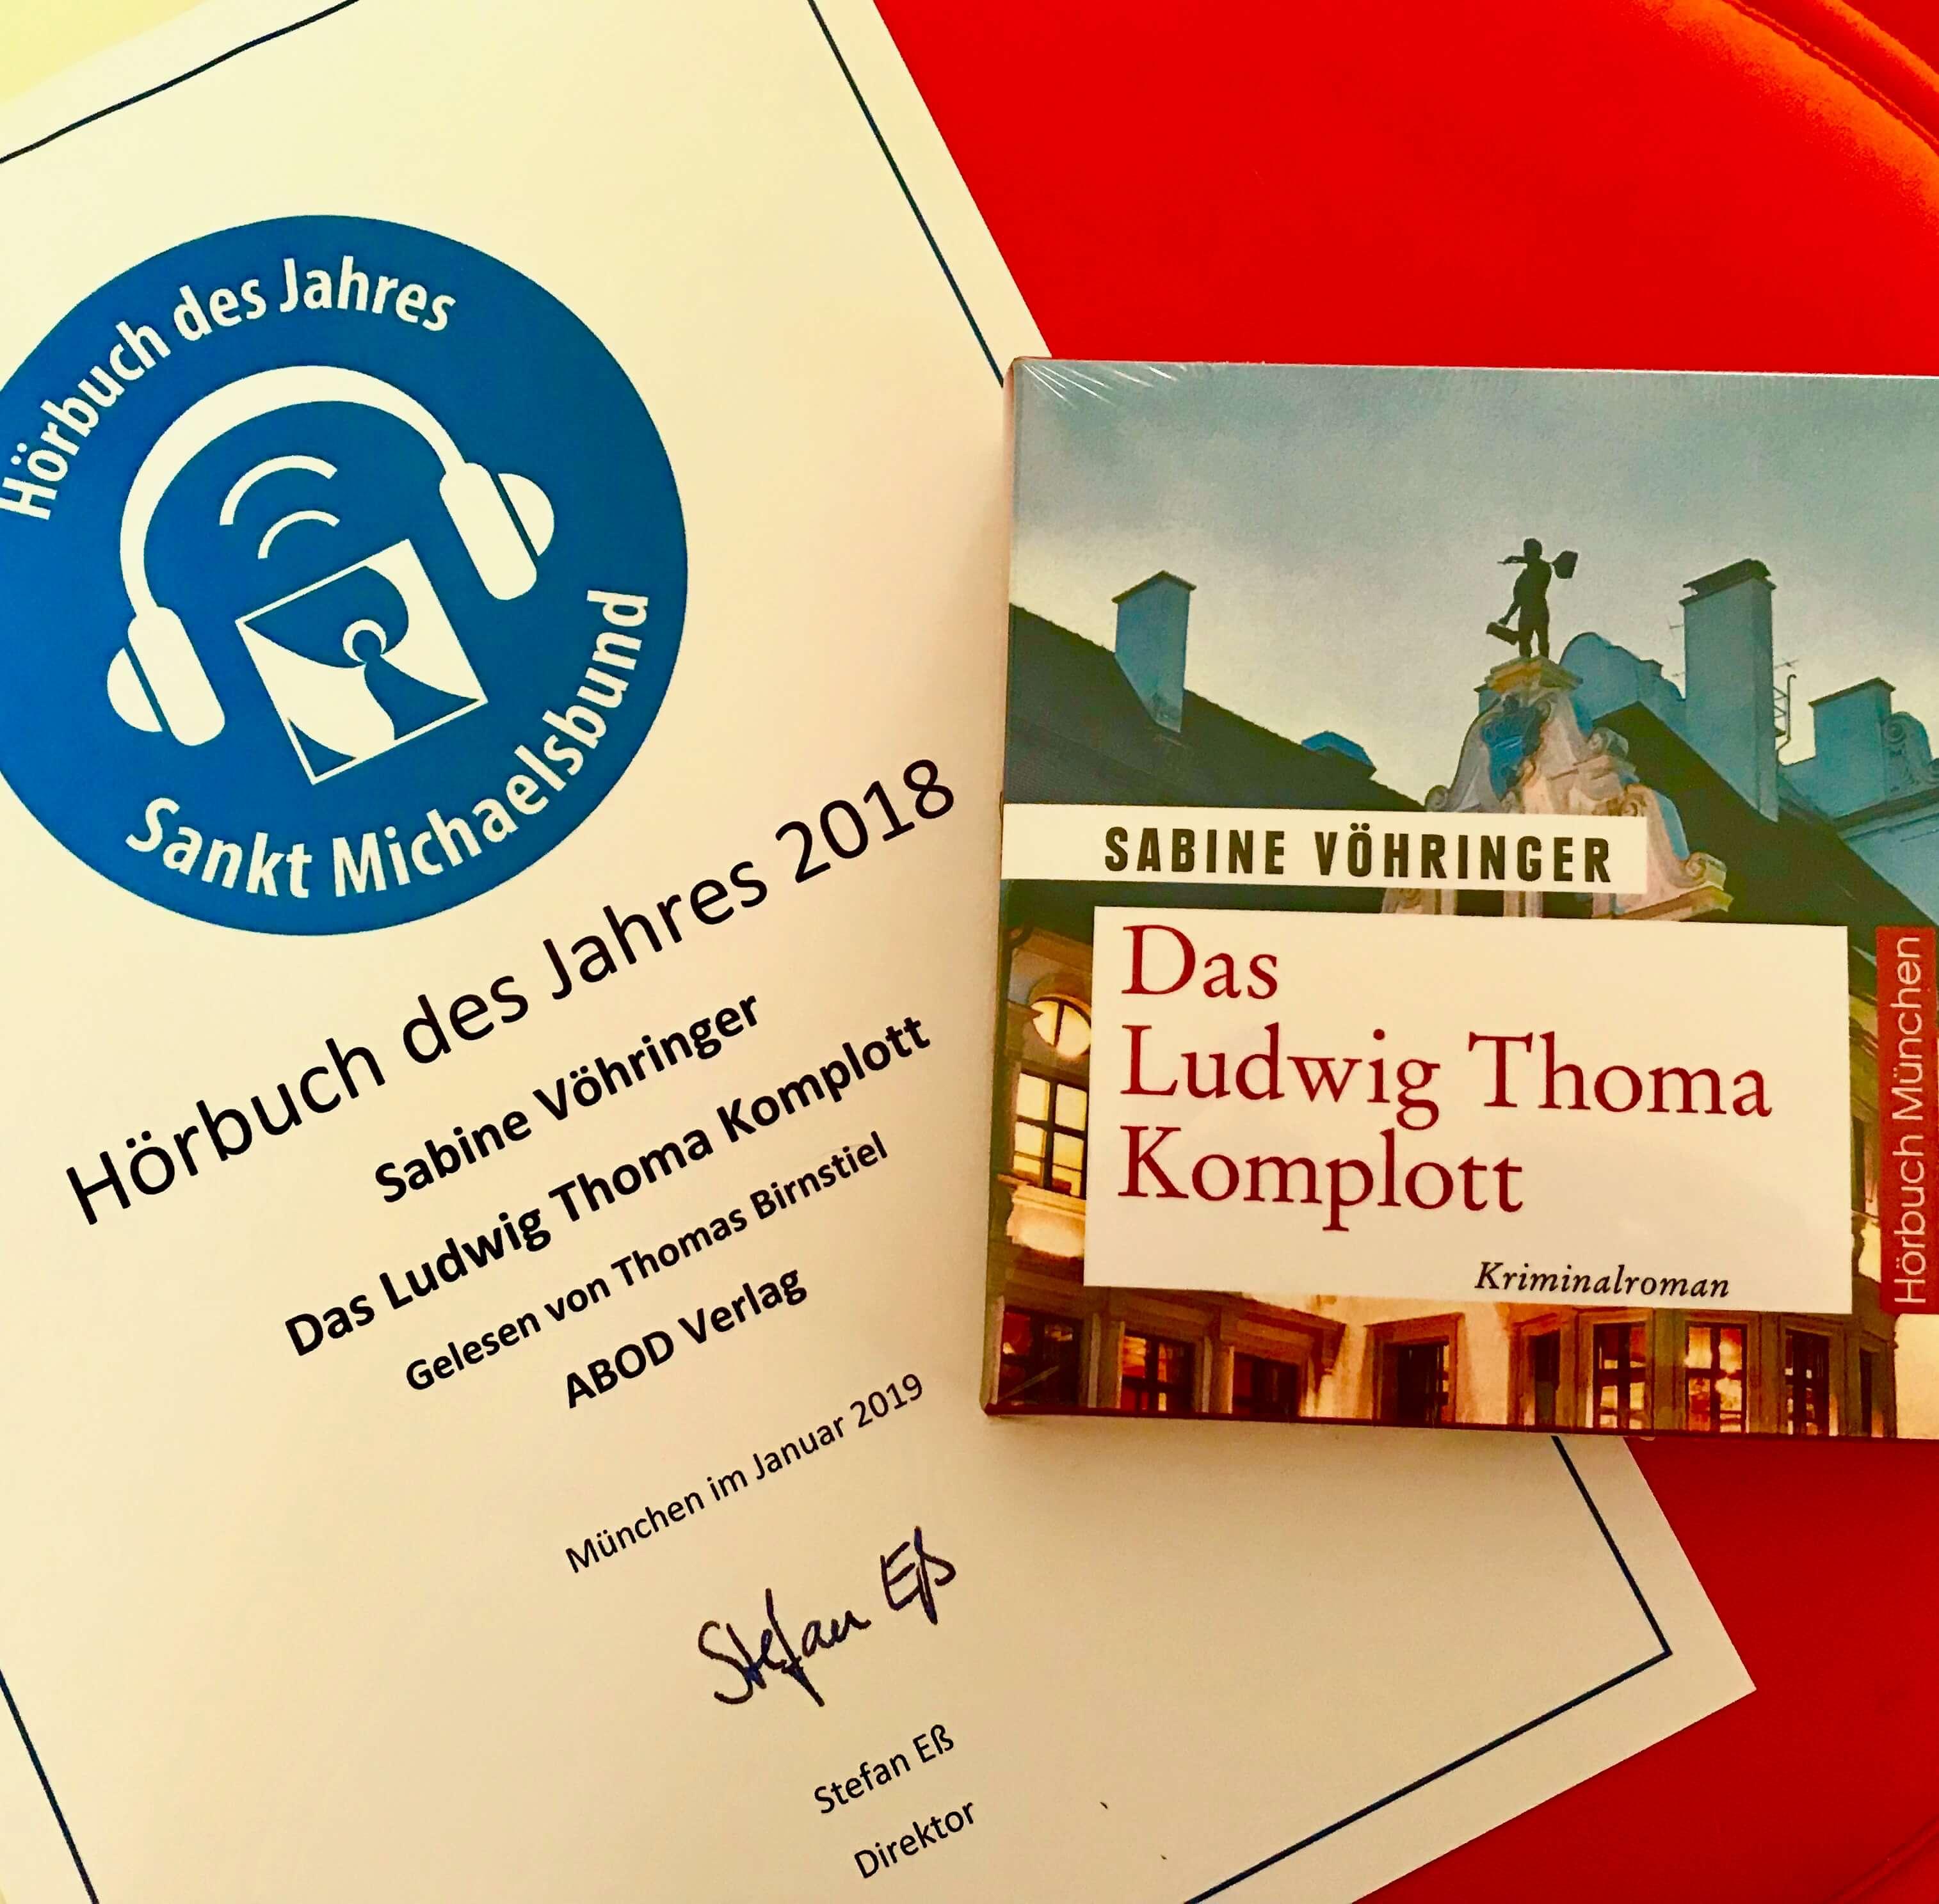 Sabine Vöhringer Das Ludwig Thoma Komplott, Hörbuch des Jahres